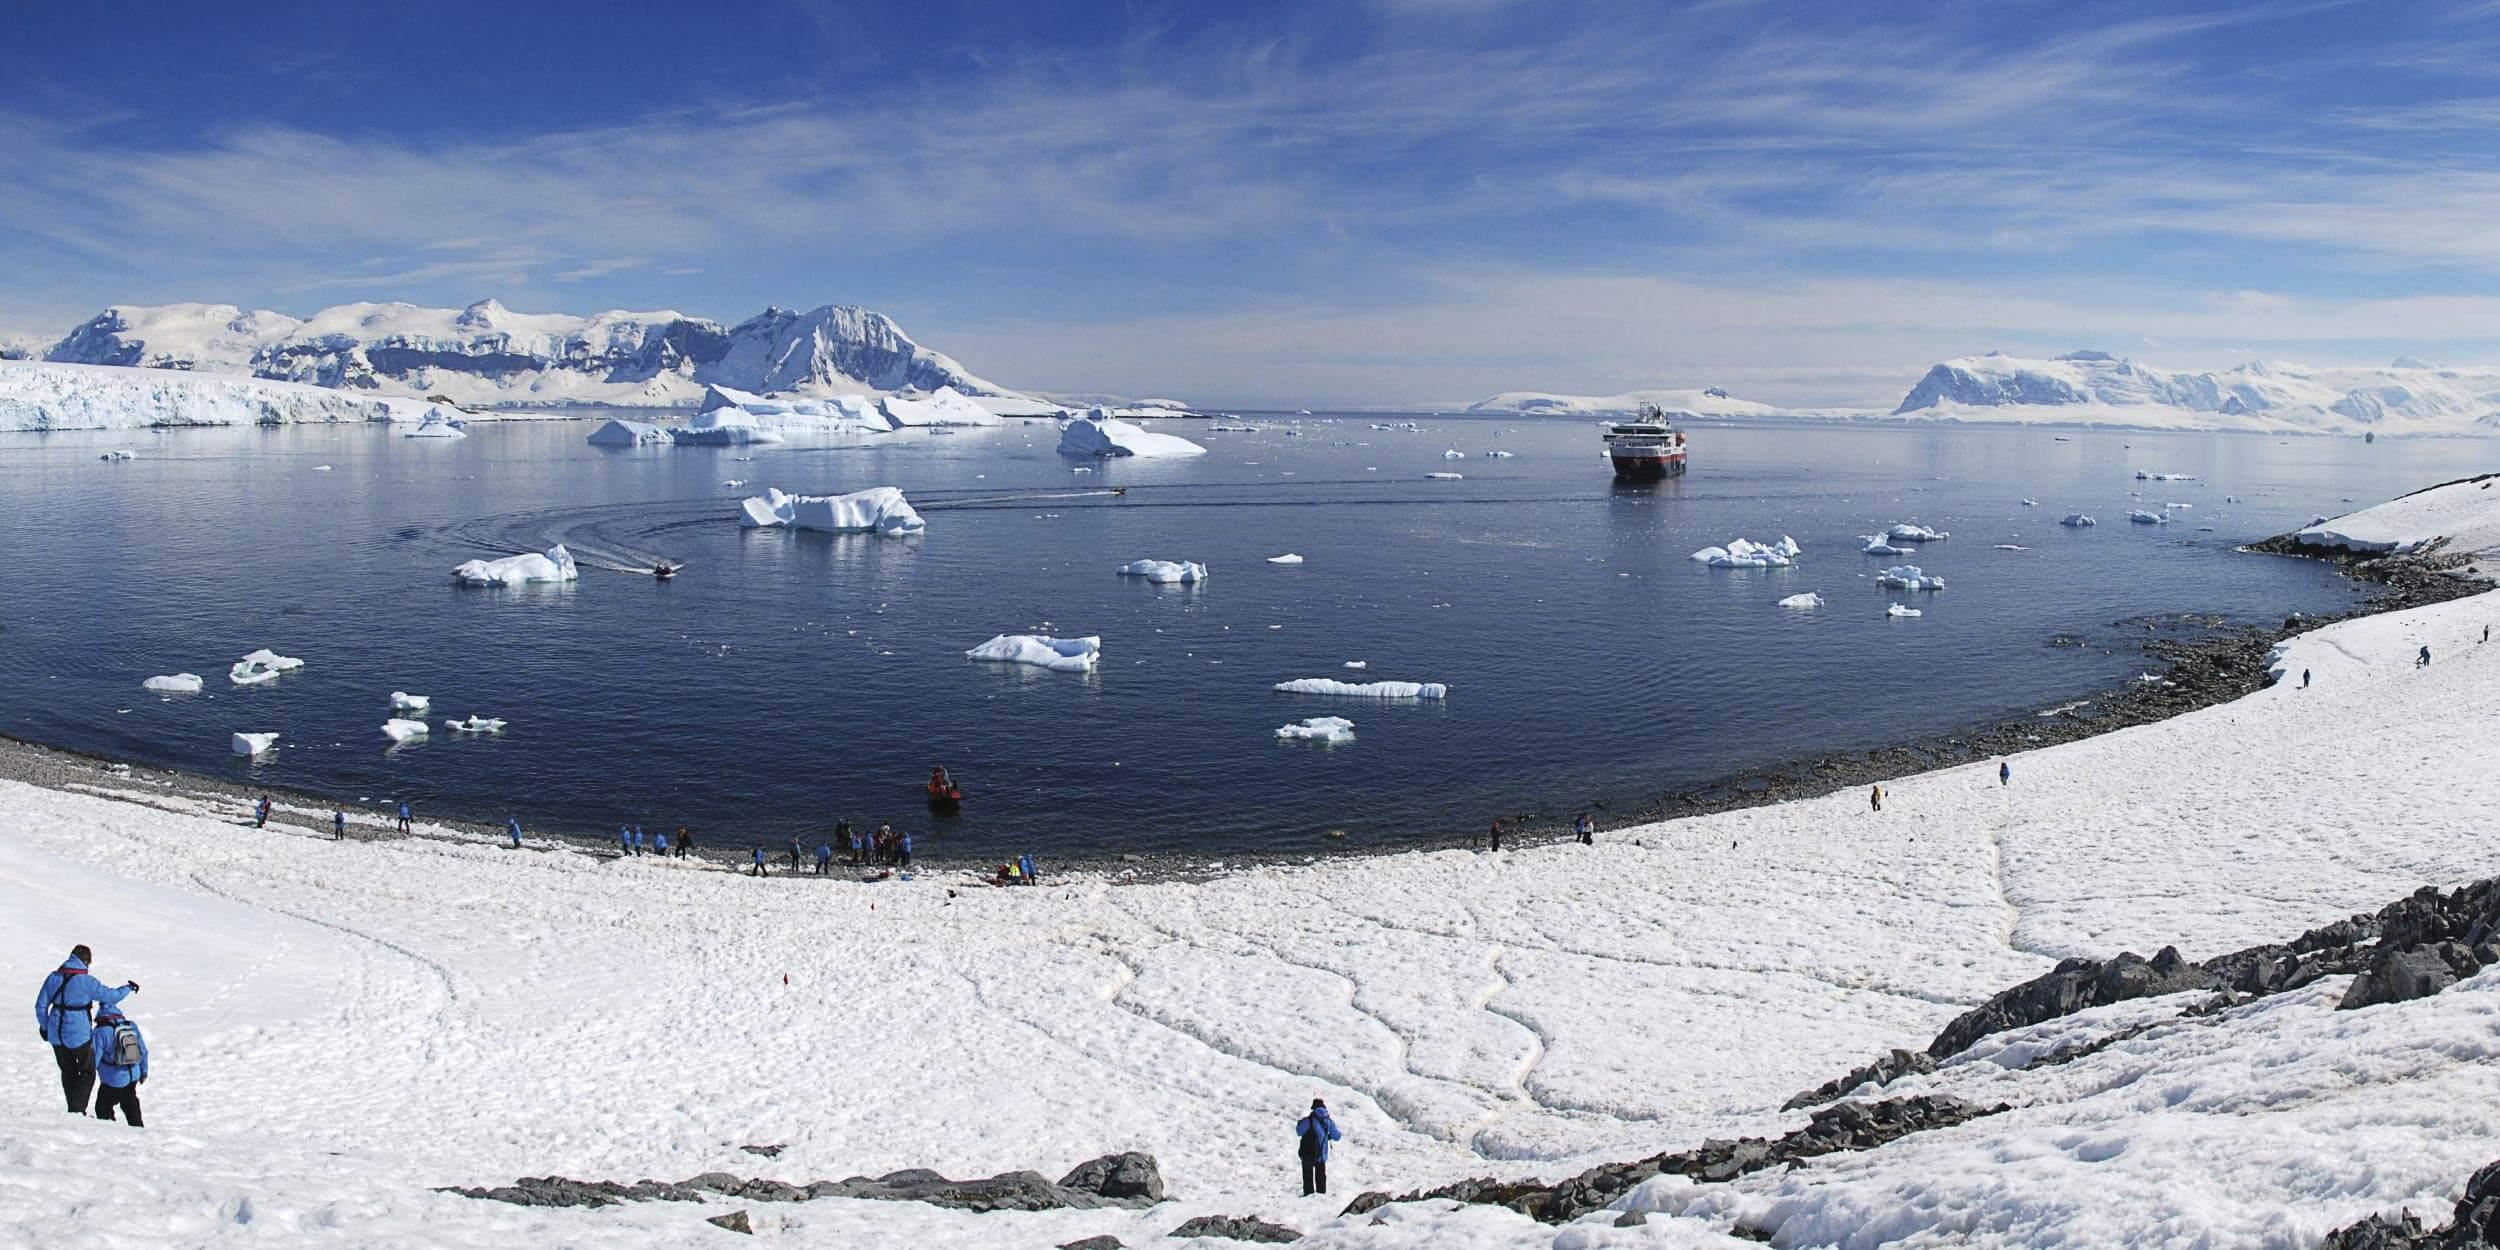 ����·������ Hurtigruten Cruise Line ǰ���� MS Fram 20���ϼ����������� 2020-03-01����ŵ˹����˹��Buenos Aires���Ǵ� ���߱��:771836957